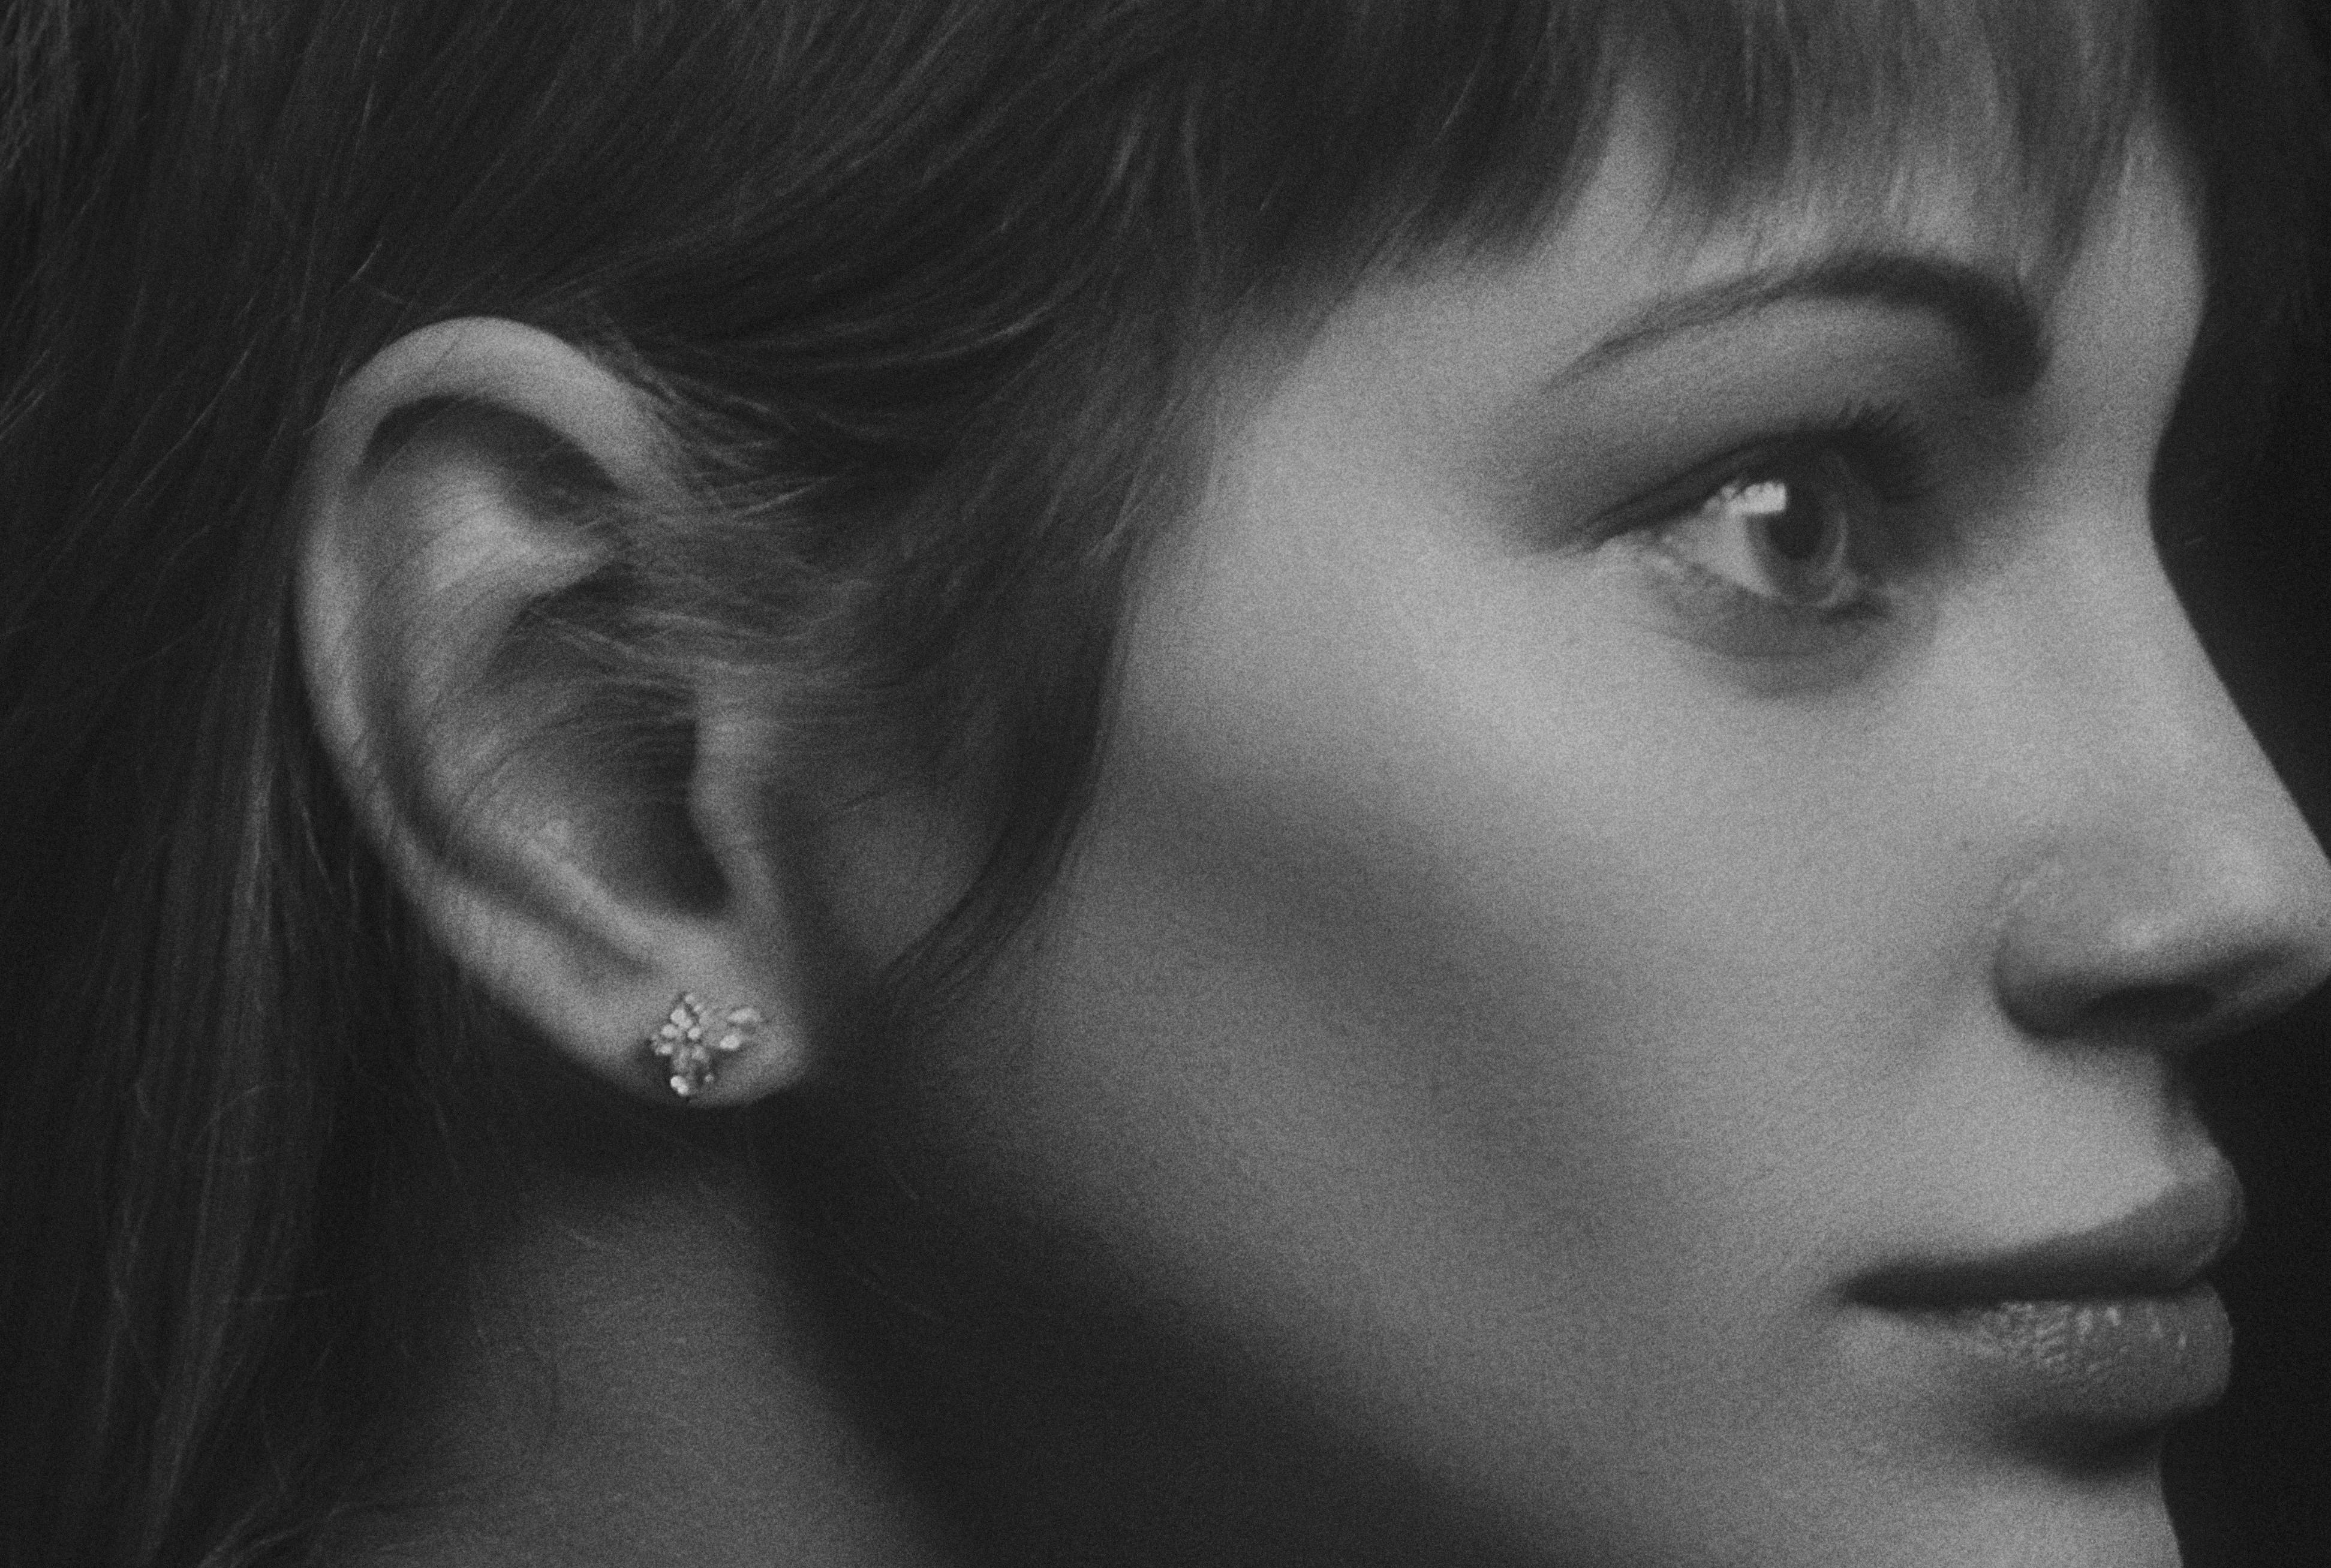 Mis orejas no me gustan. ¿En qué casos se puede hacer una otoplastia?